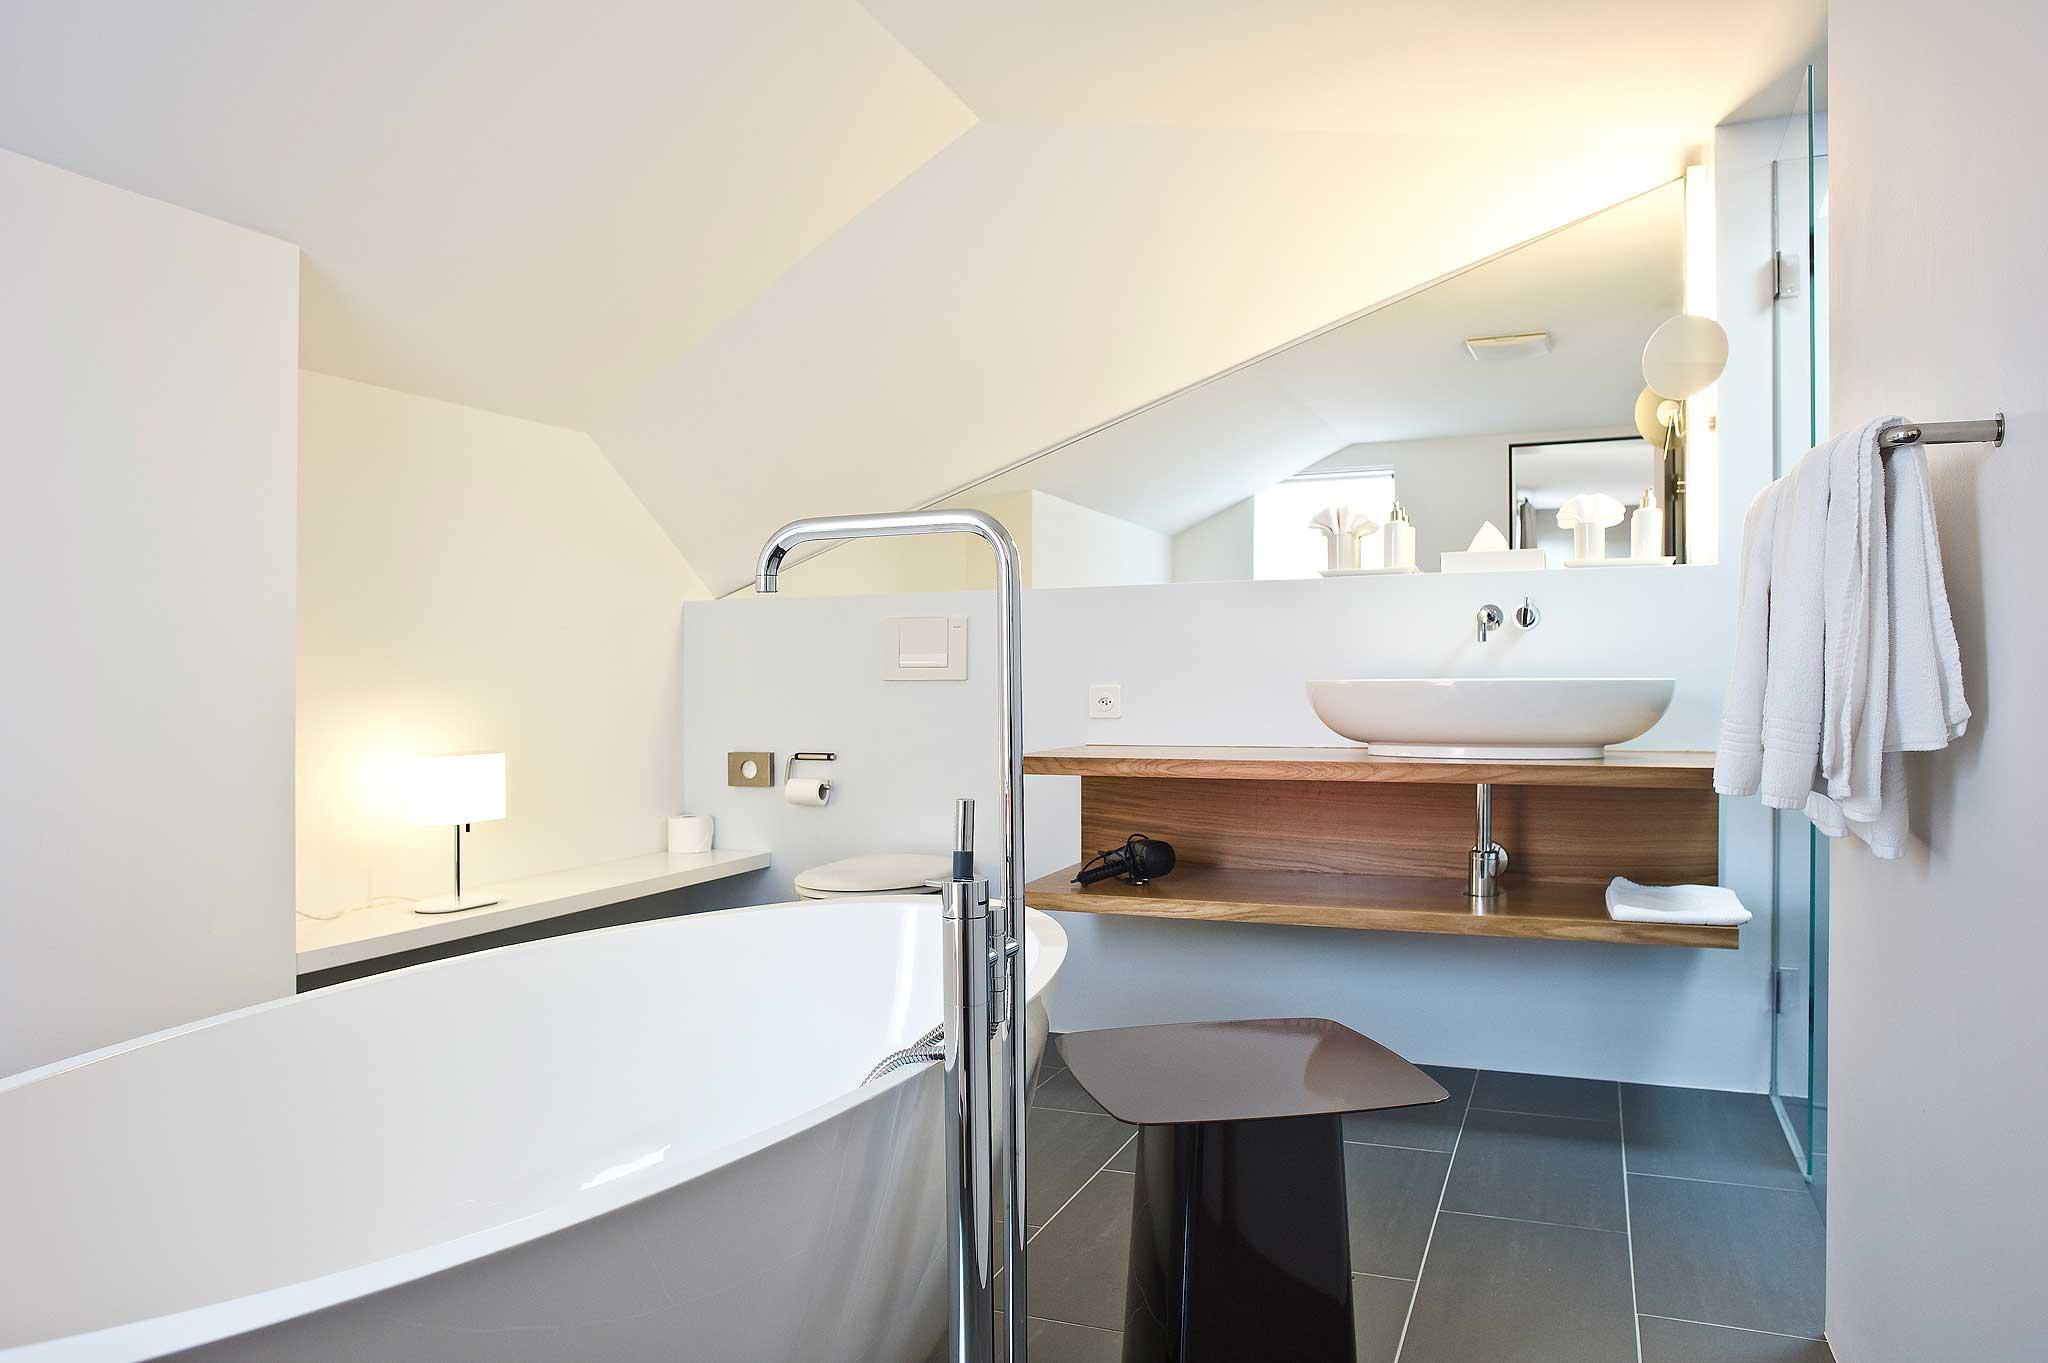 Die Wanne im großzügigen Bad von Zimmer 414 wurde von Hannes Wettstein entworfen.